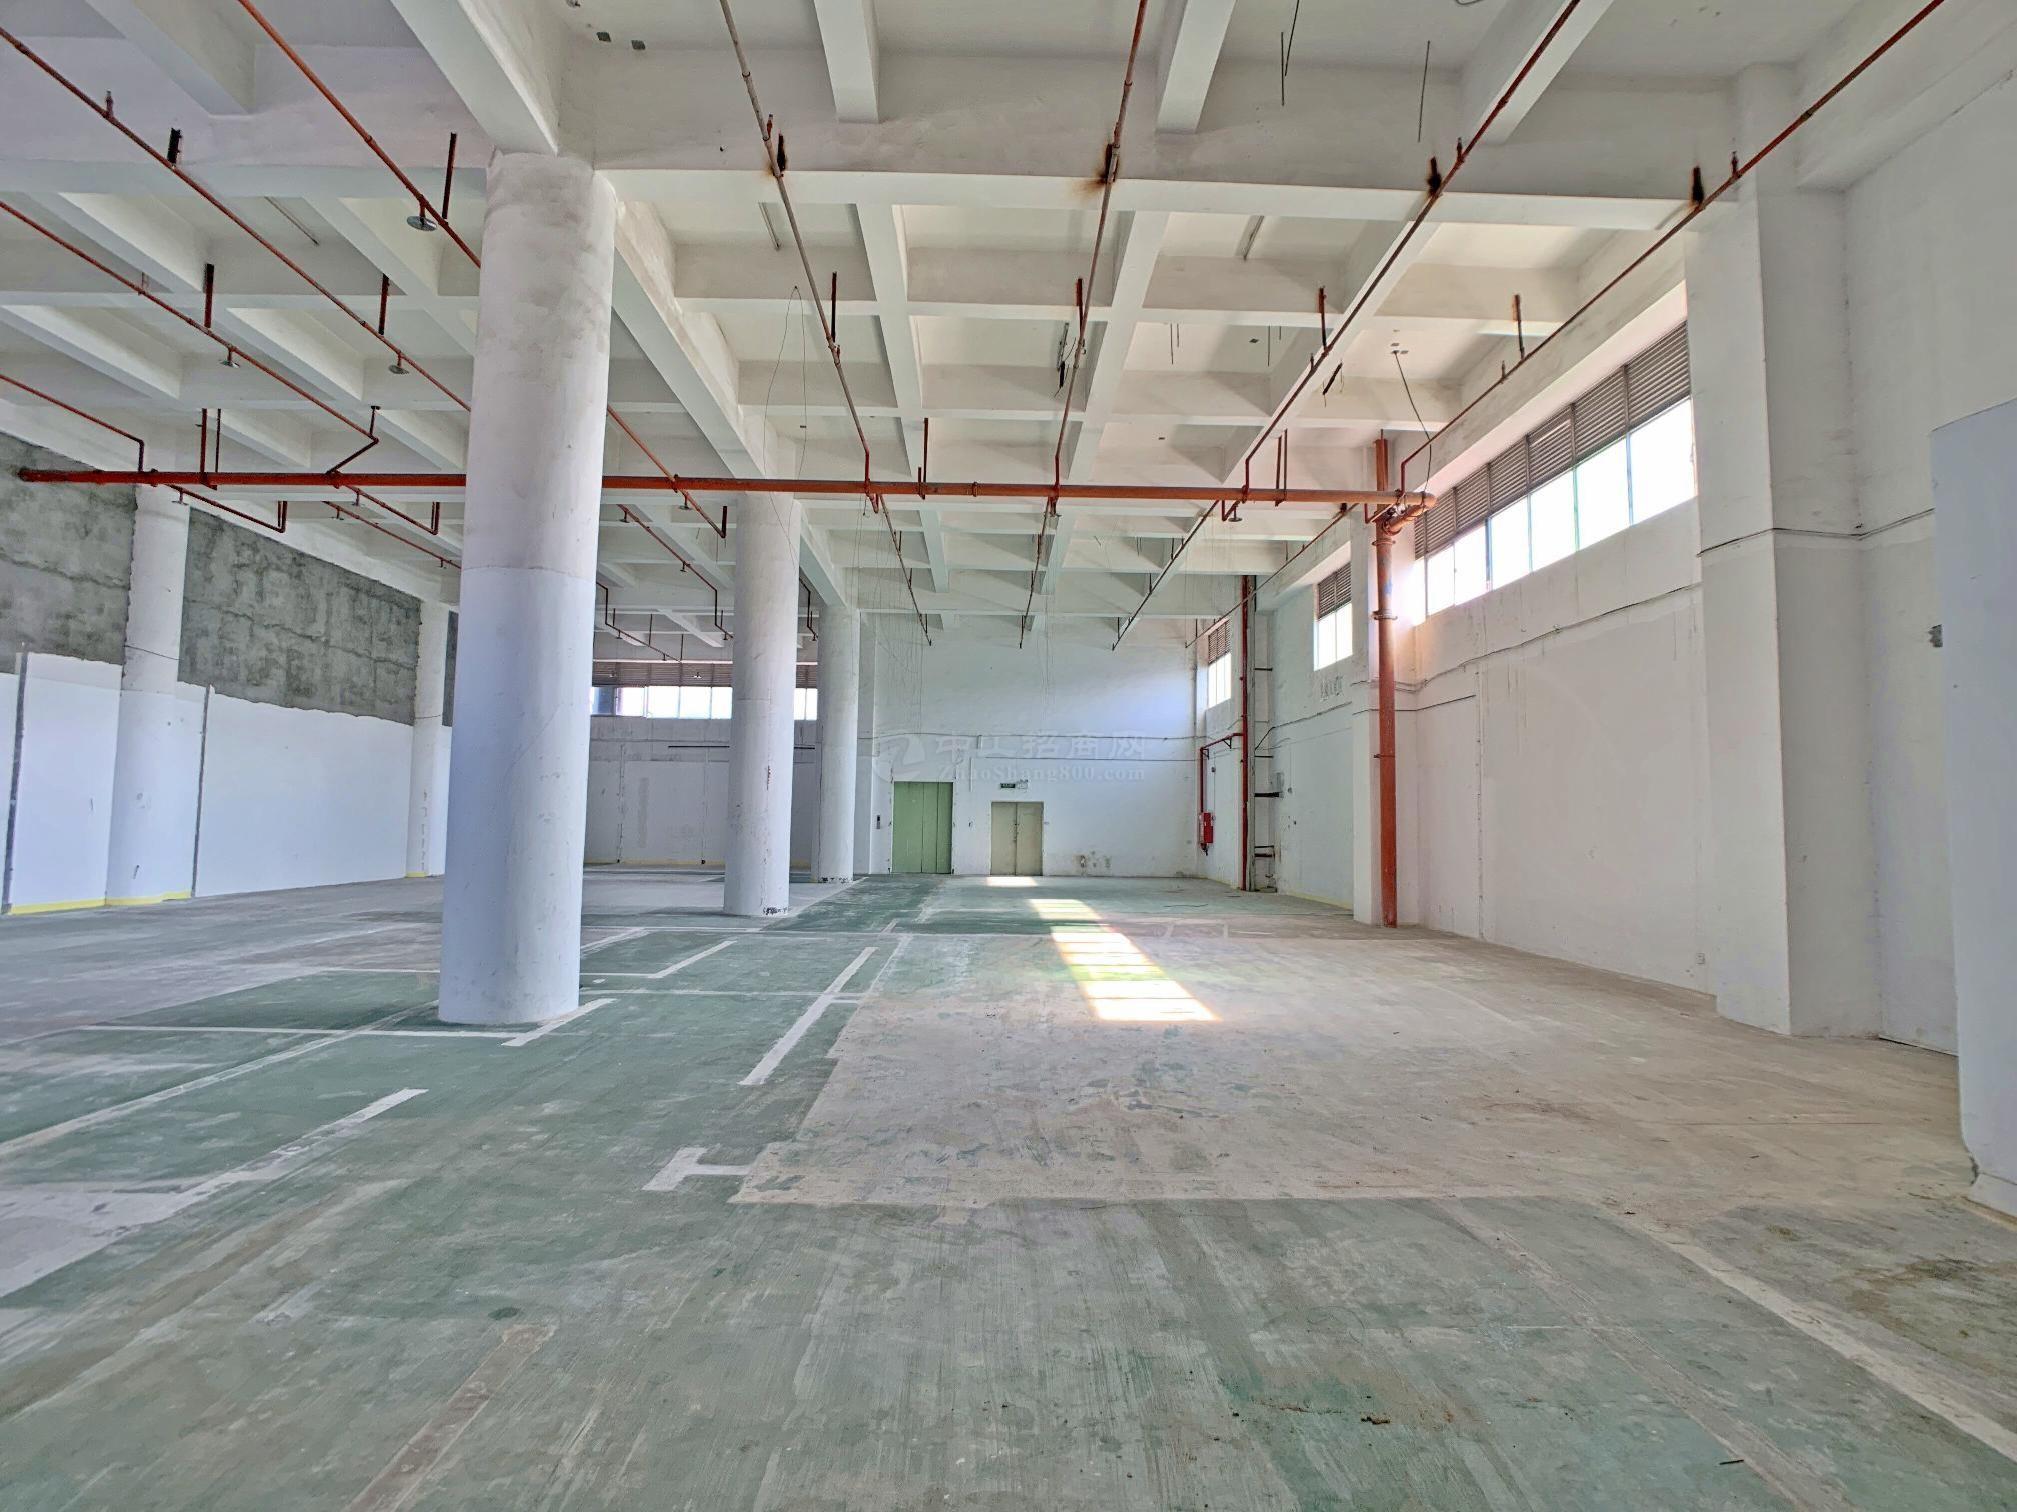 西乡鹤洲新出层高7米厂房仓库出租